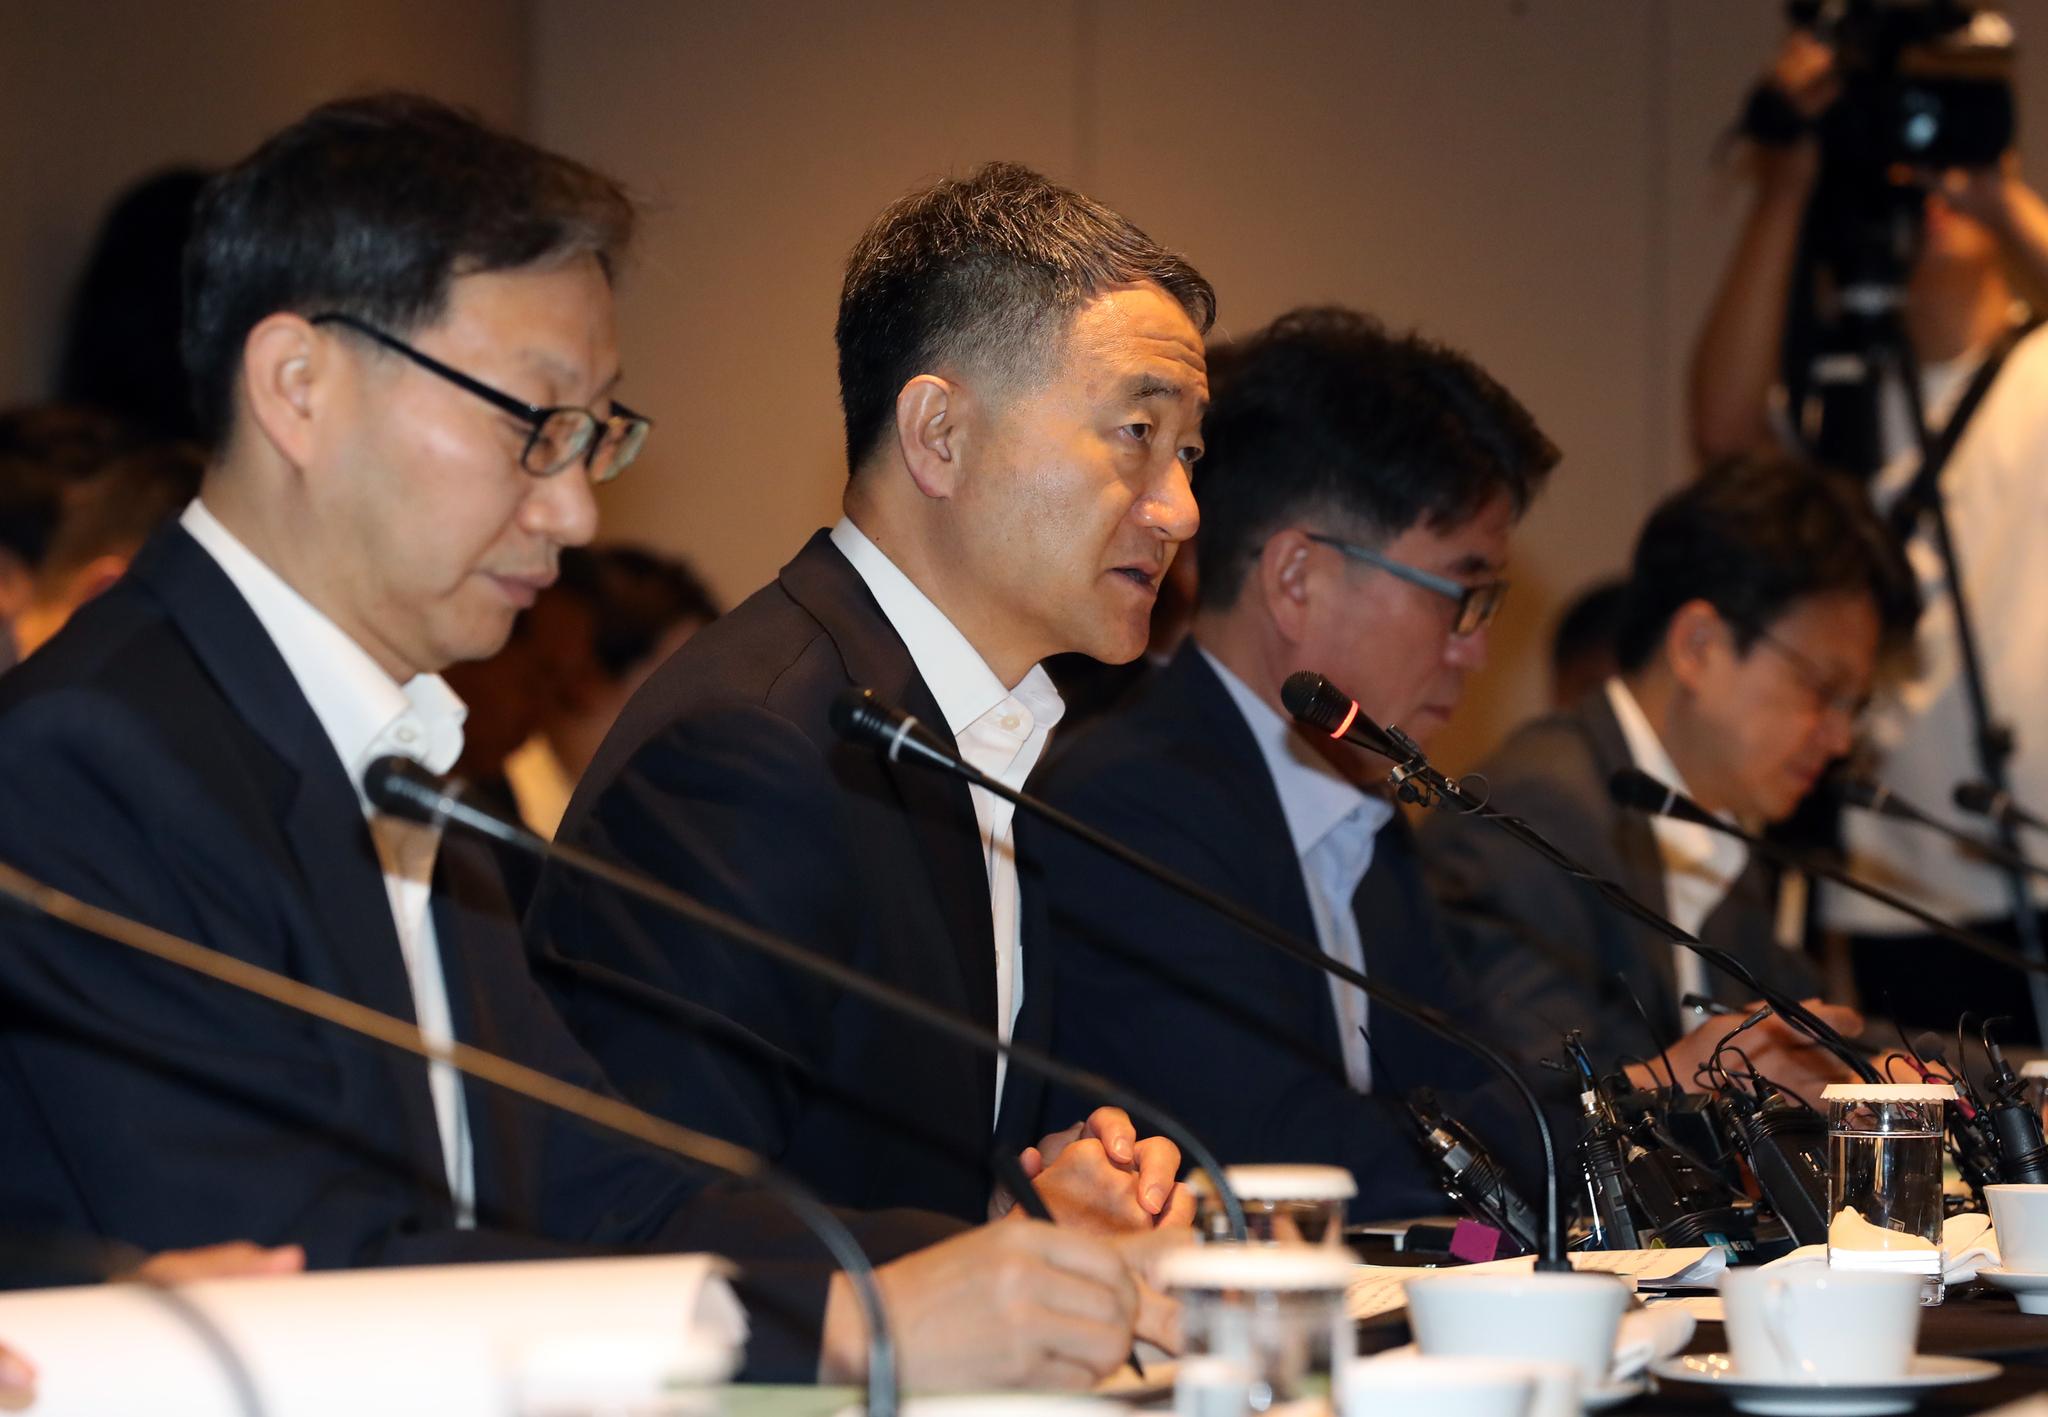 박능후 보건복지부 장관(왼쪽 두번째)이 30일 서울 중구 플라자호텔에서 열린 '2018년도 제6차 국민연금기금운용위원회'에 참석해 모두 발언을 하고 있다. [뉴스1]